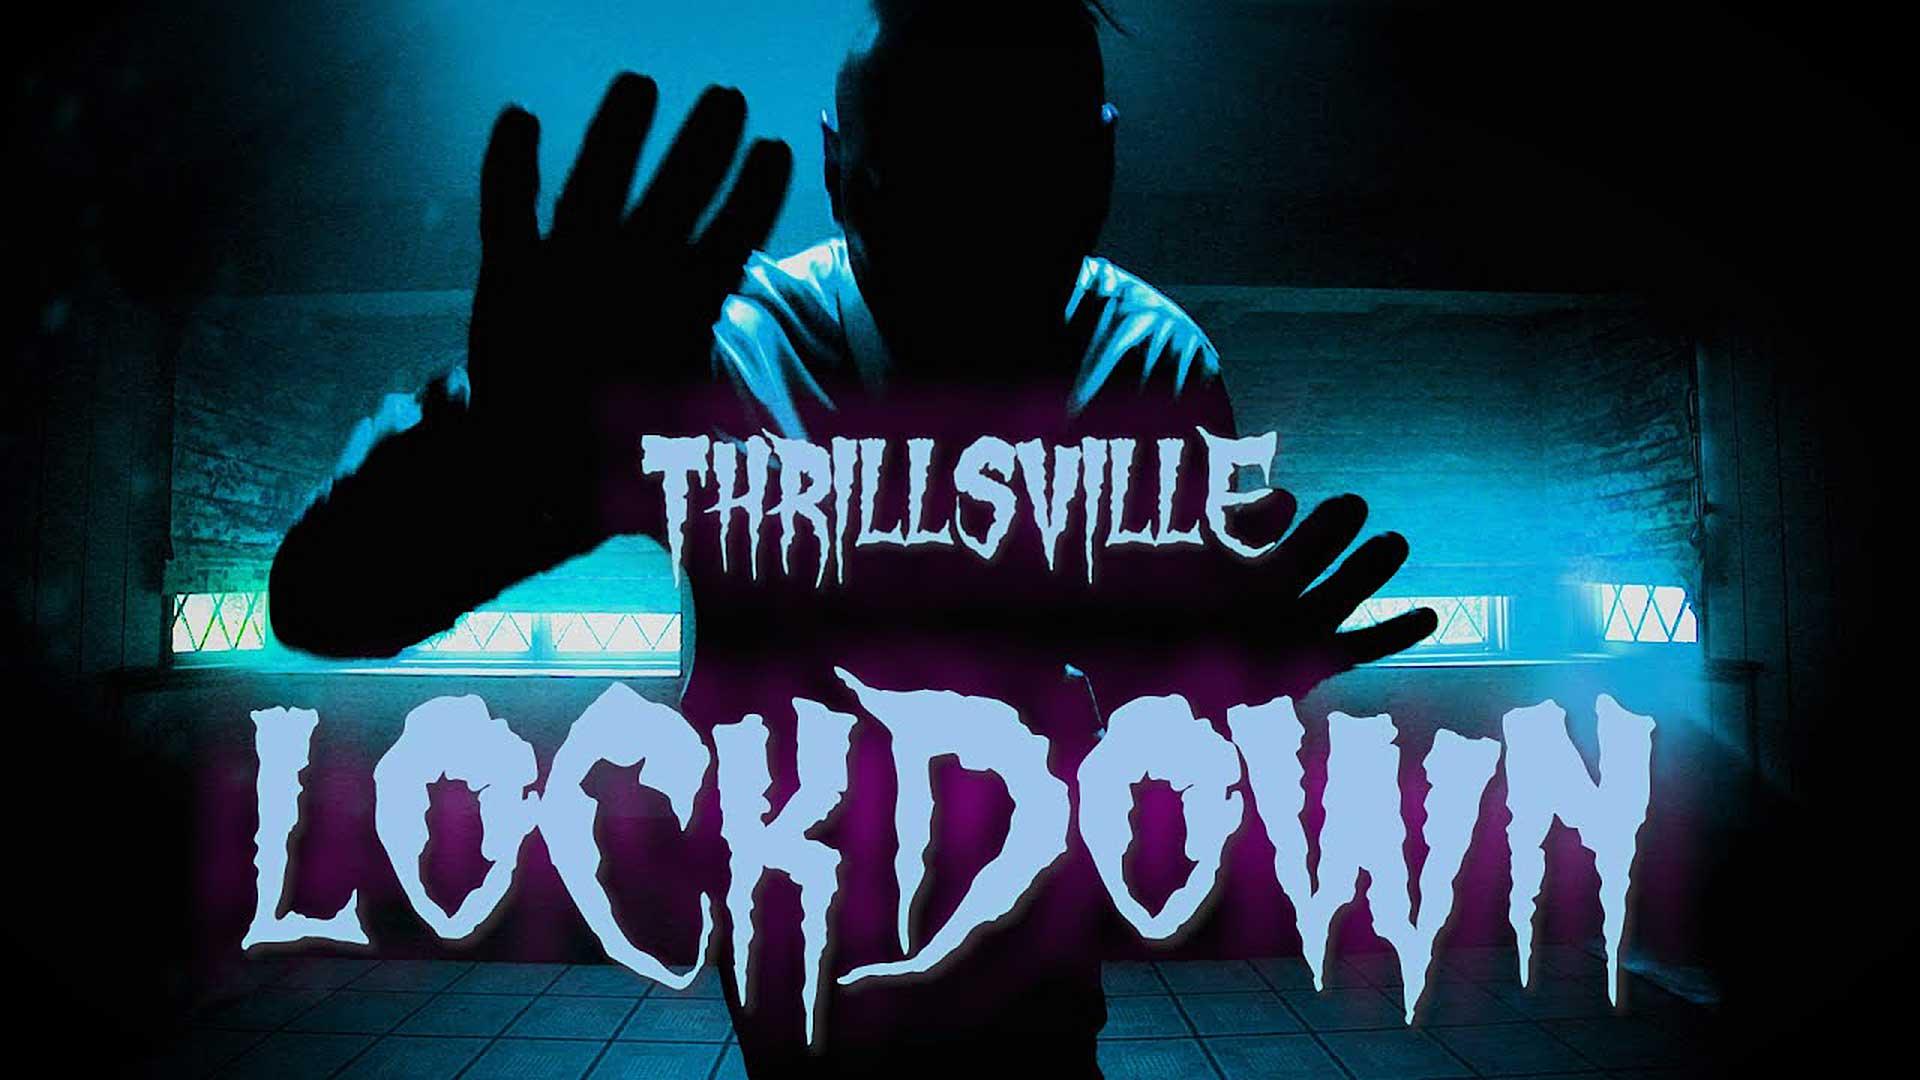 Thrillsville - Lockdown